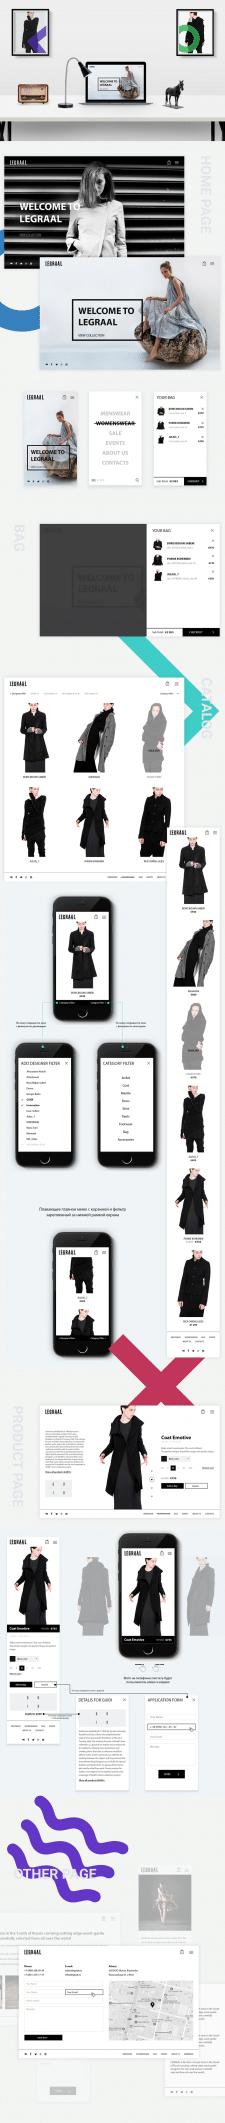 Legraal - интернет магазин модной одежды